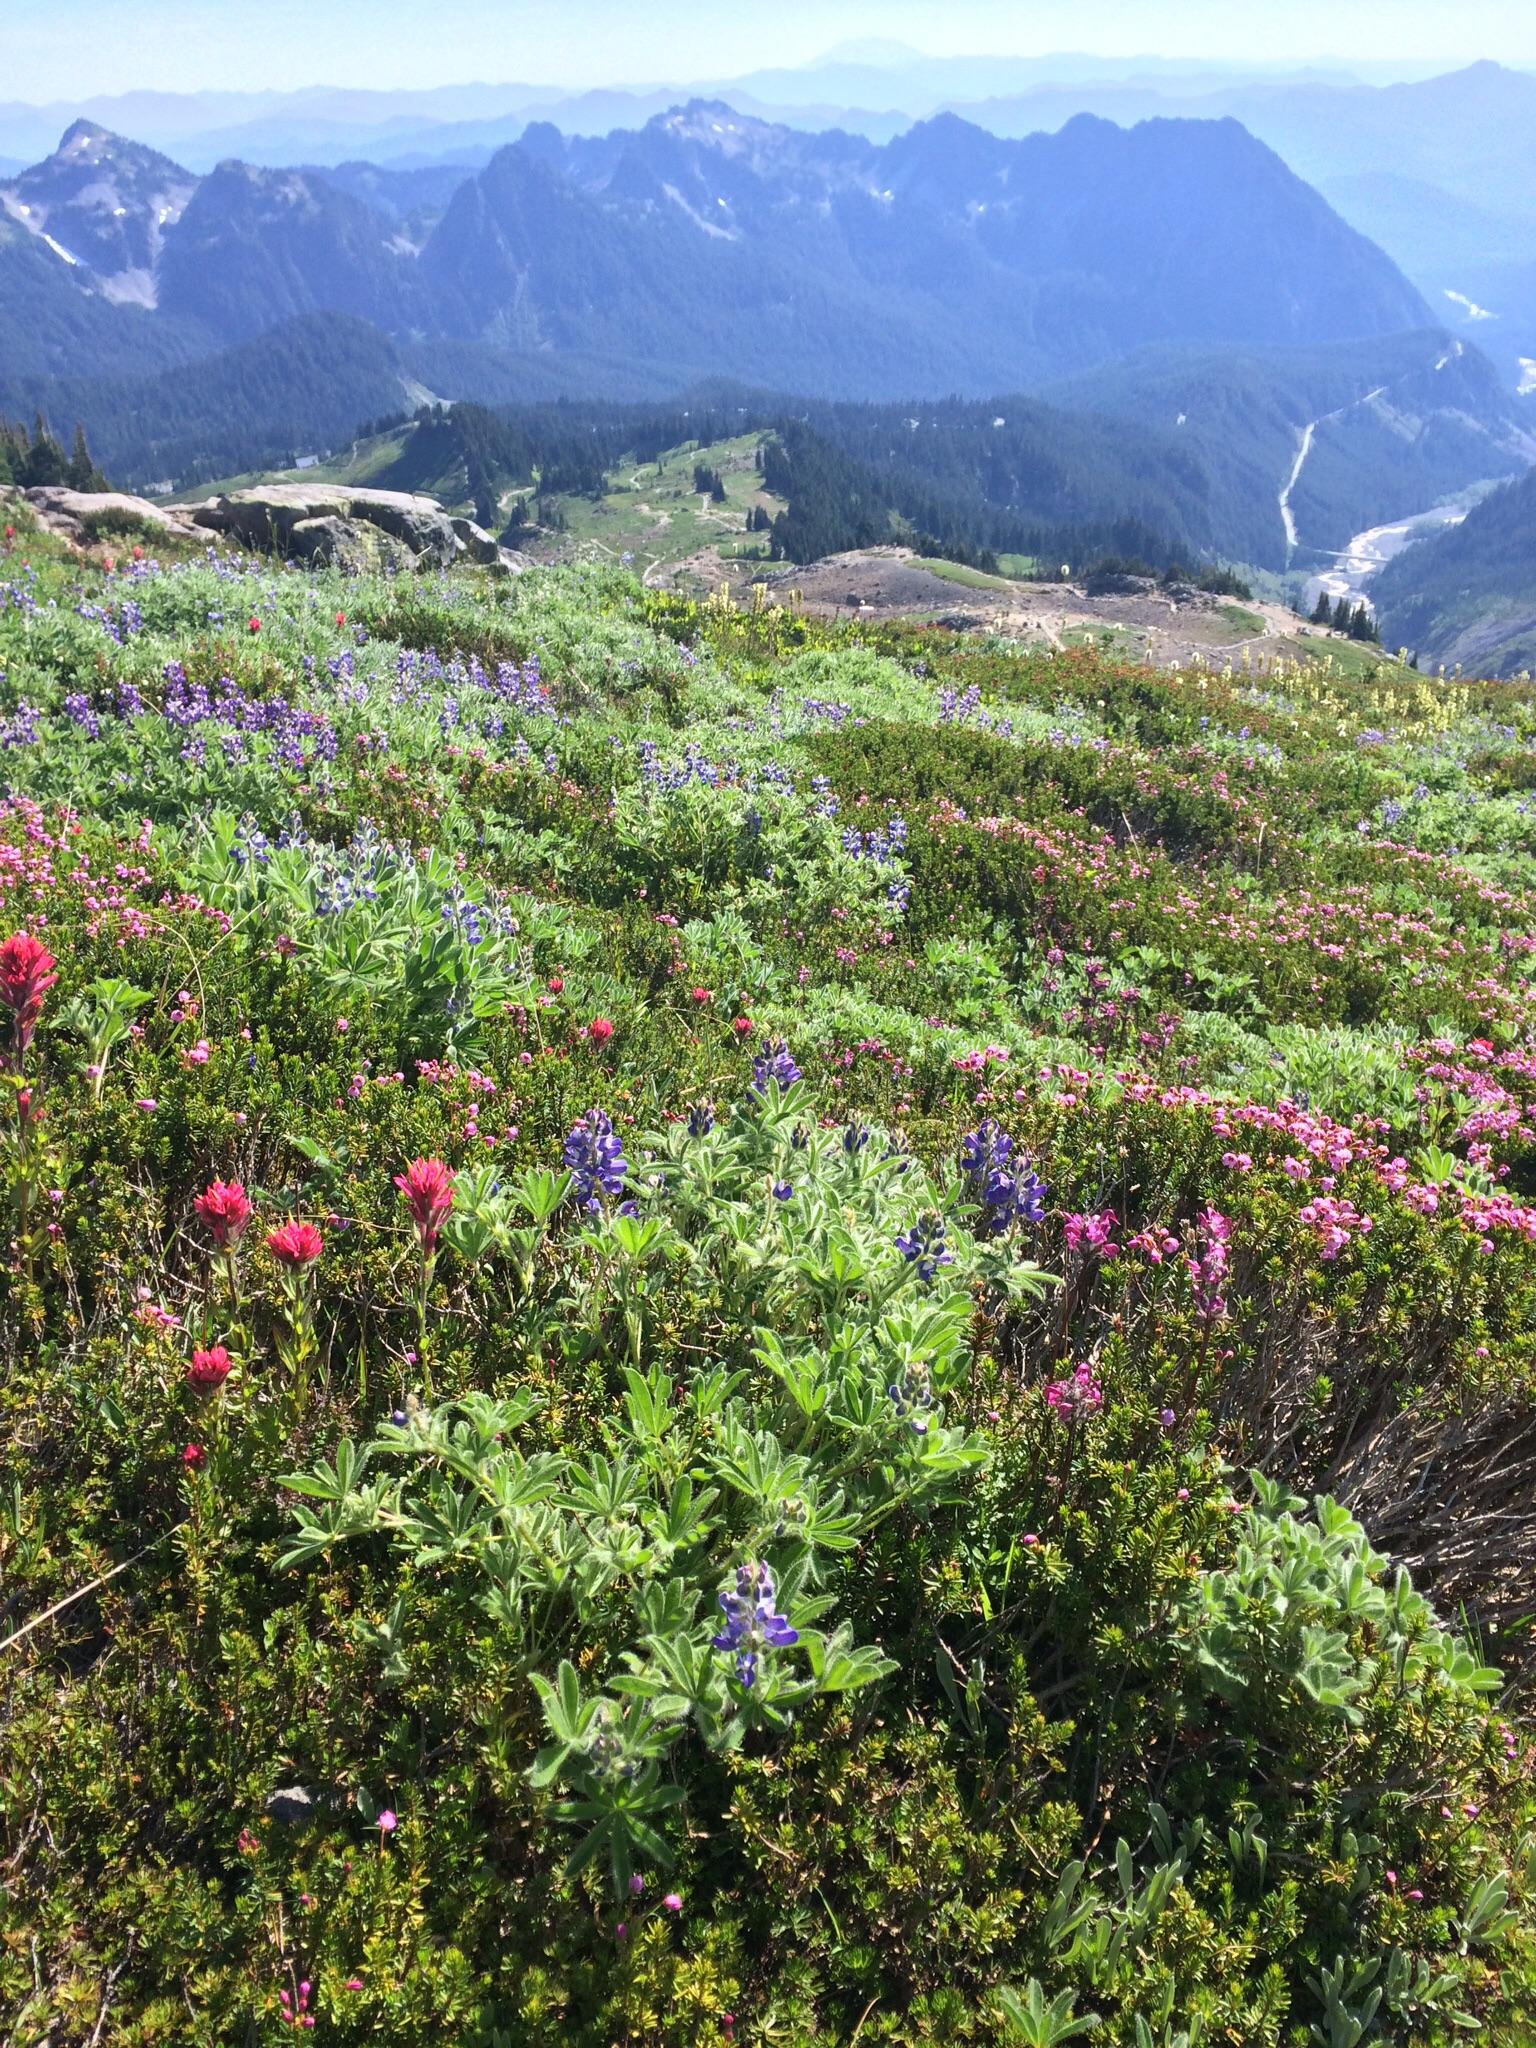 Smelll the wild flower fields on Mt. Rainier.